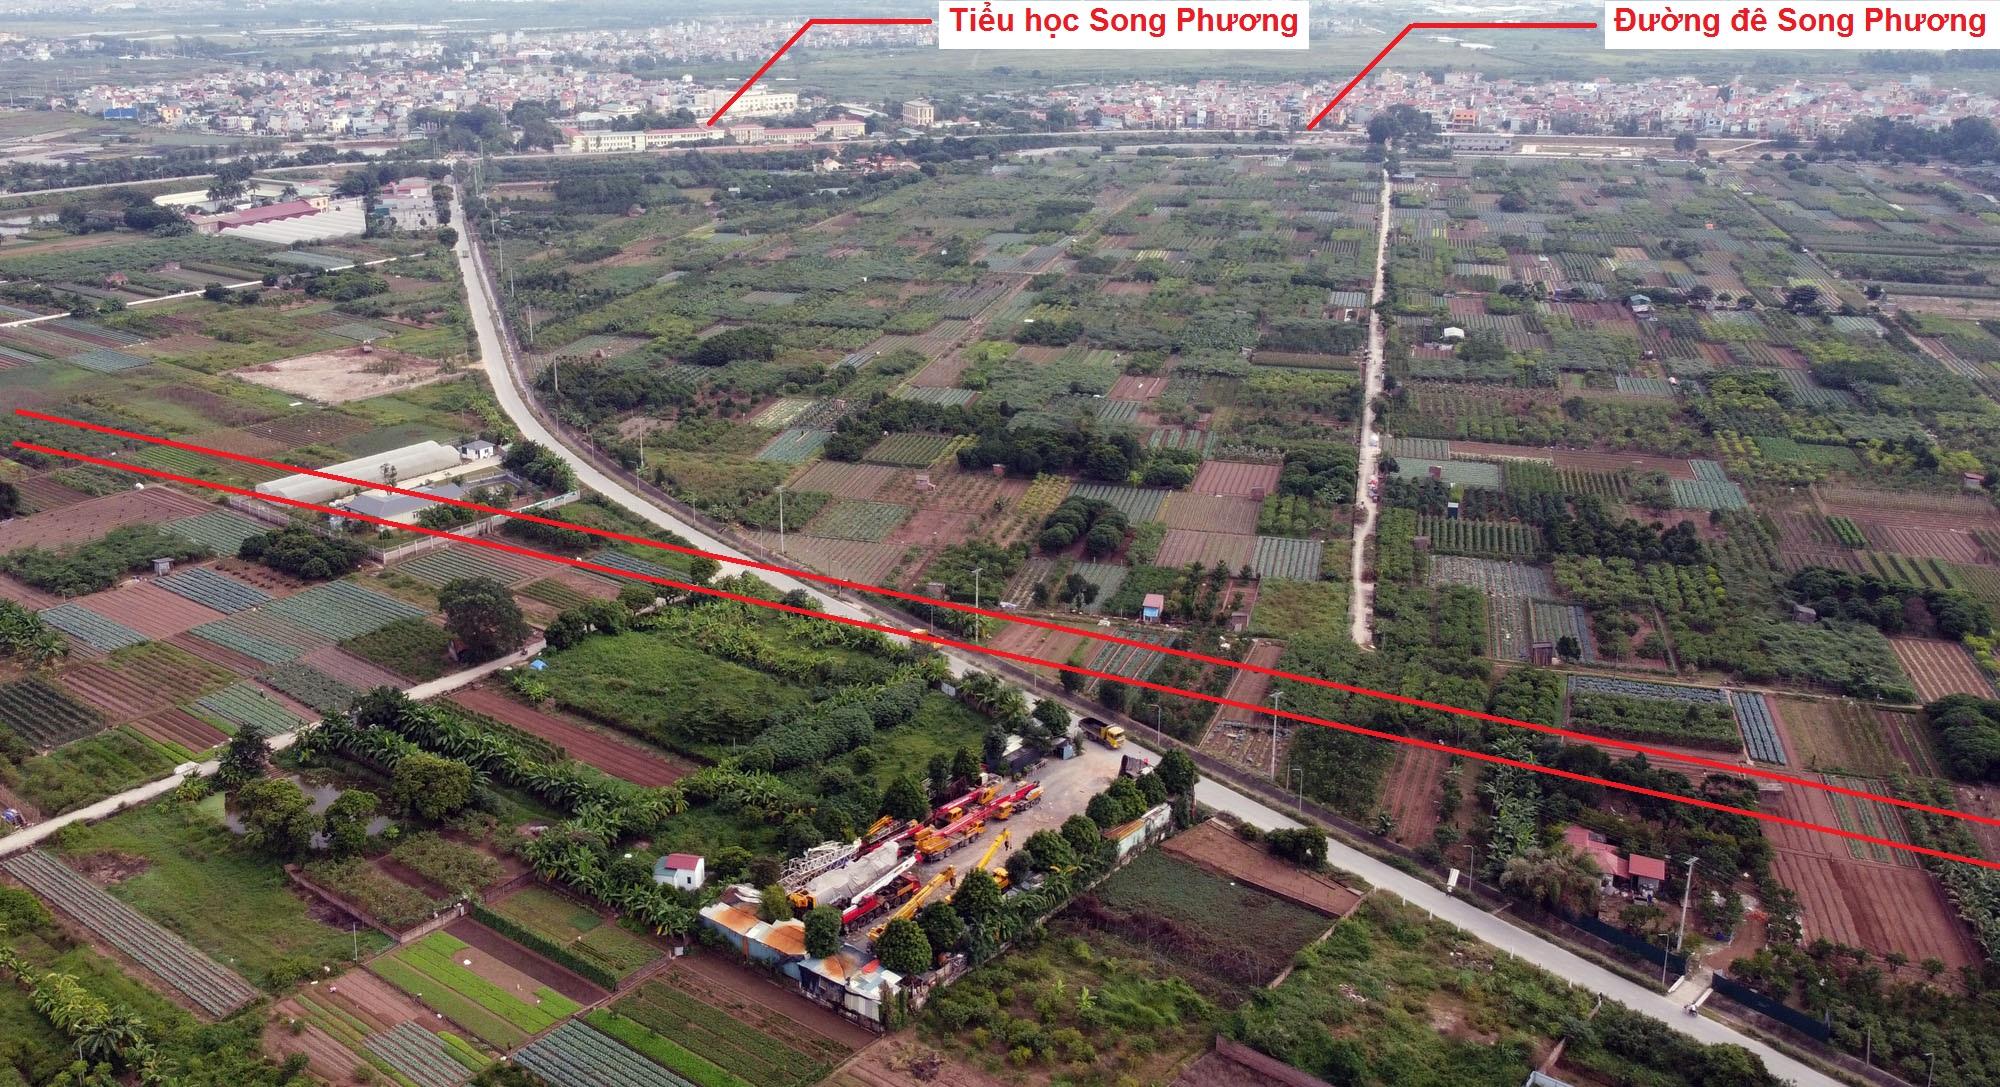 Ba đường sẽ mở theo quy hoạch ở xã Song Phương, Hoài Đức, Hà Nội - Ảnh 4.